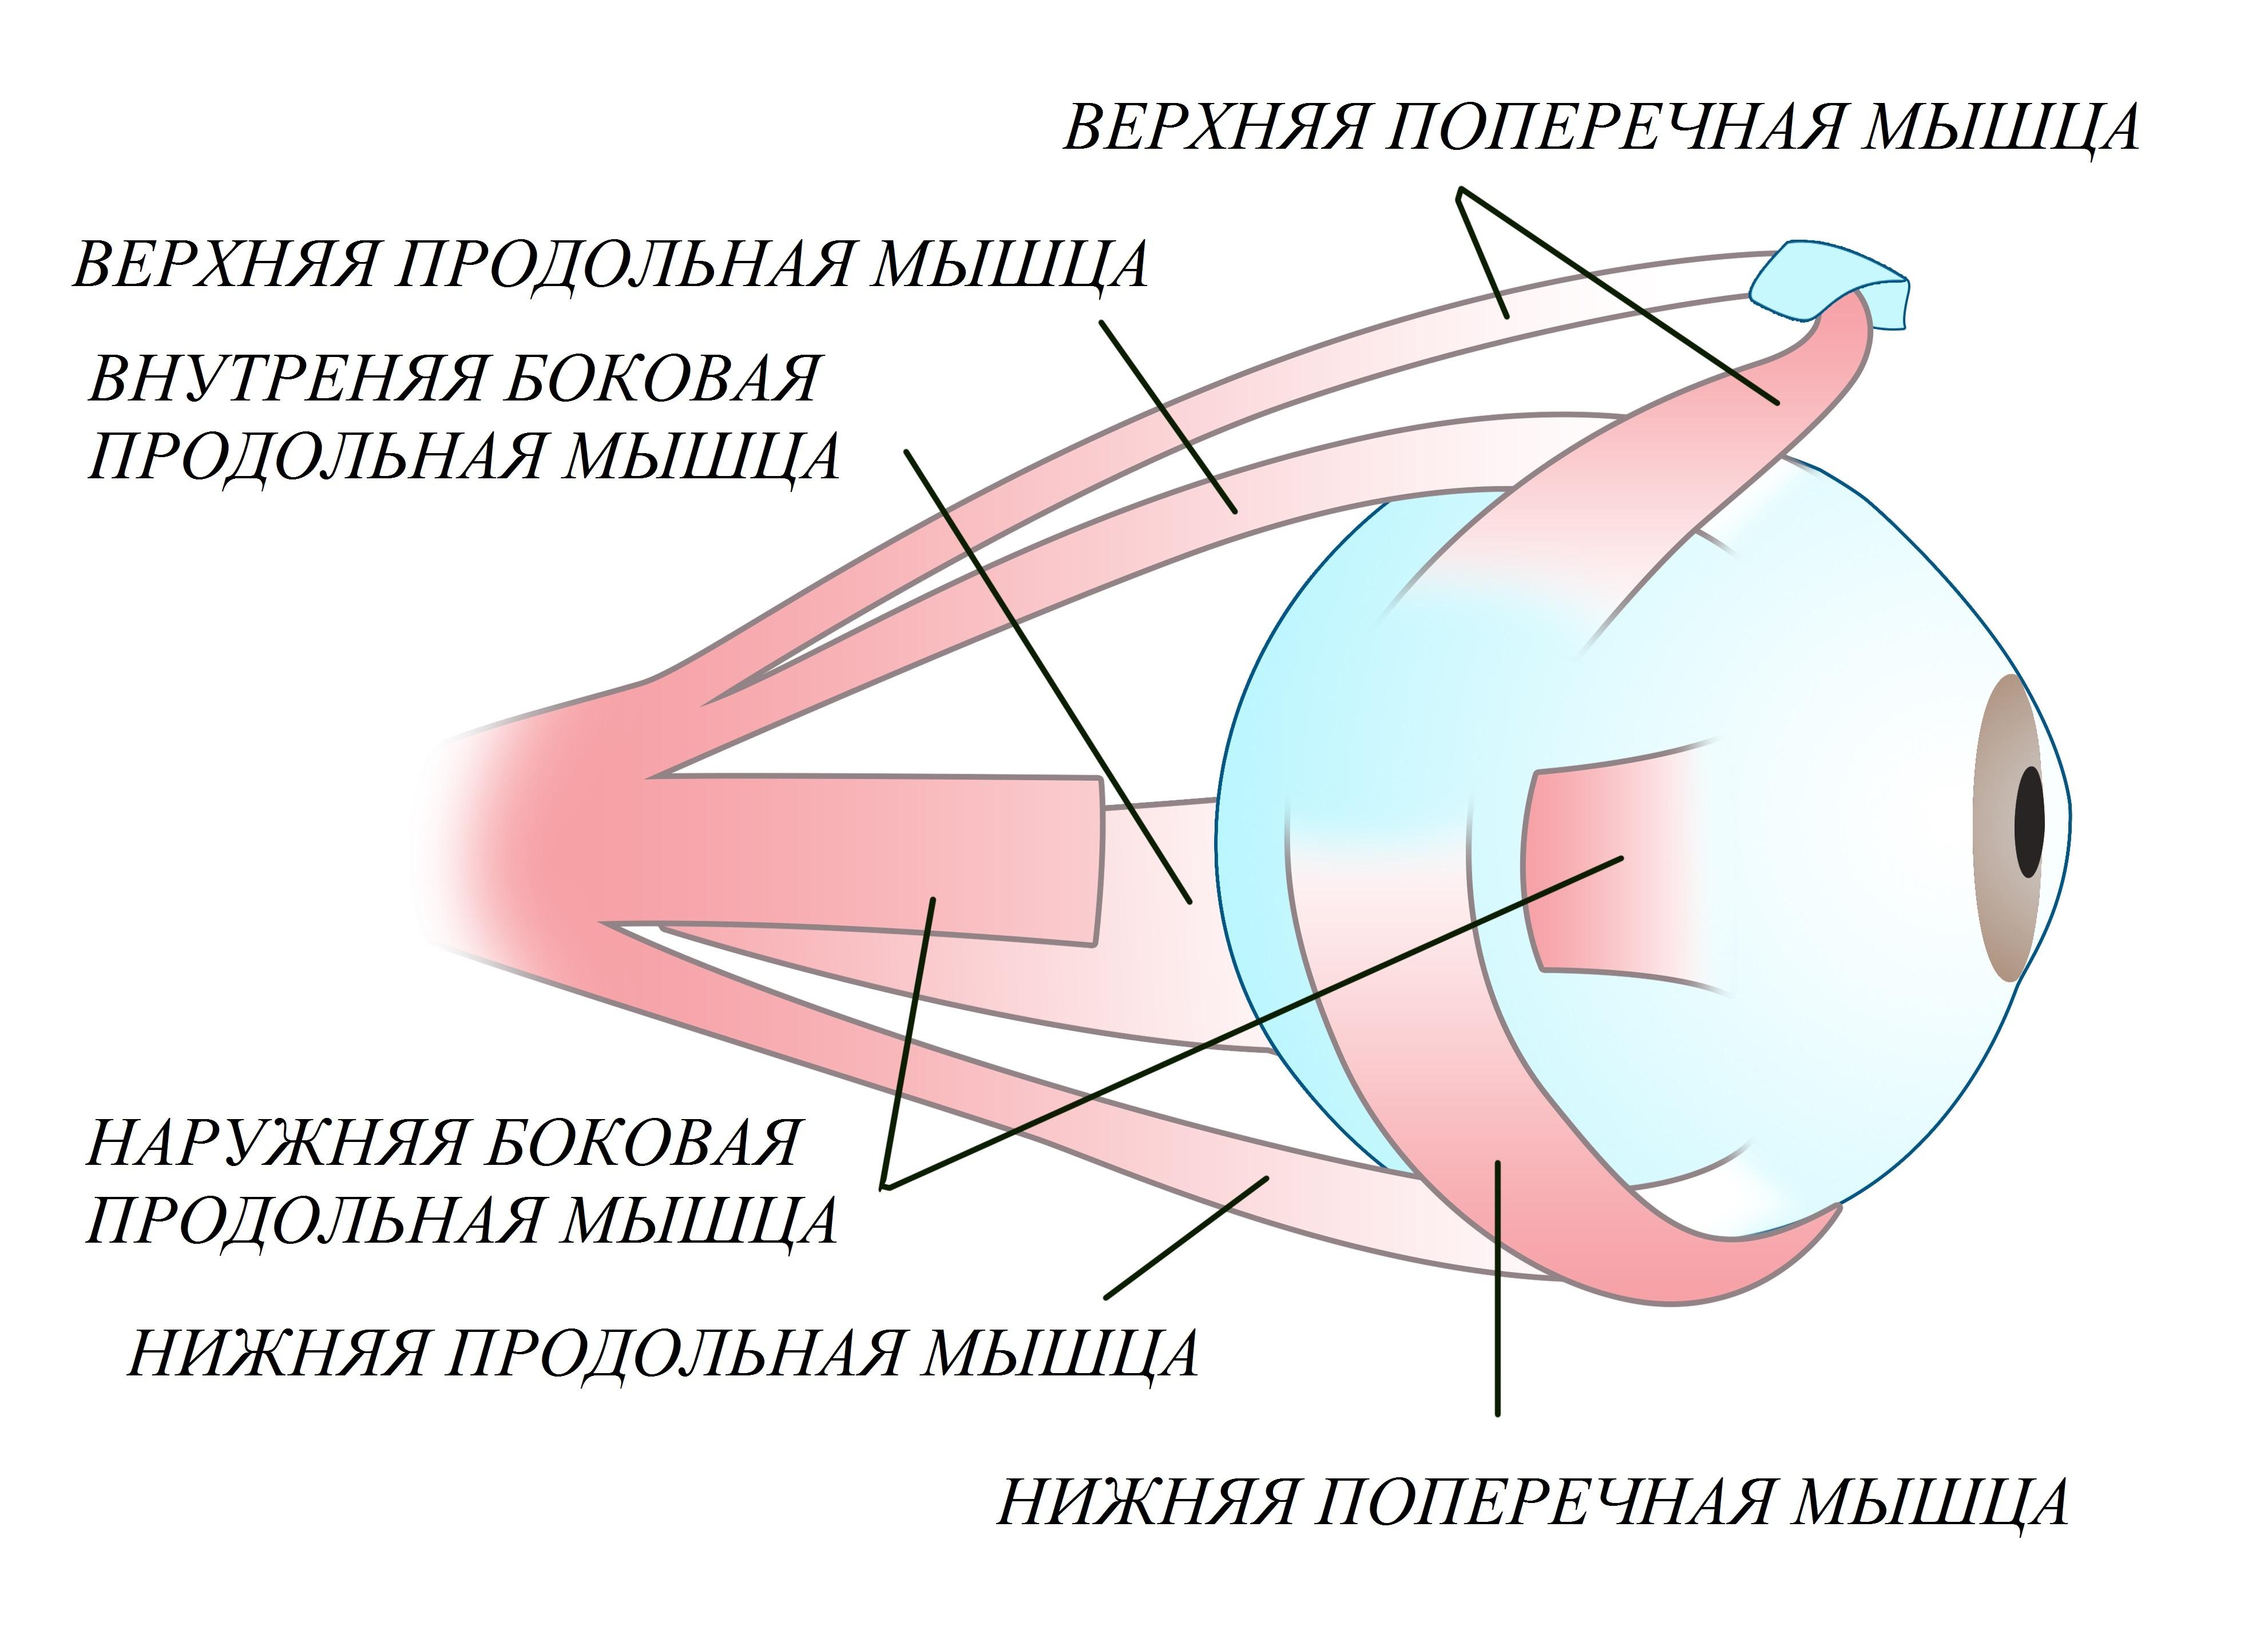 метод шичко для похудения